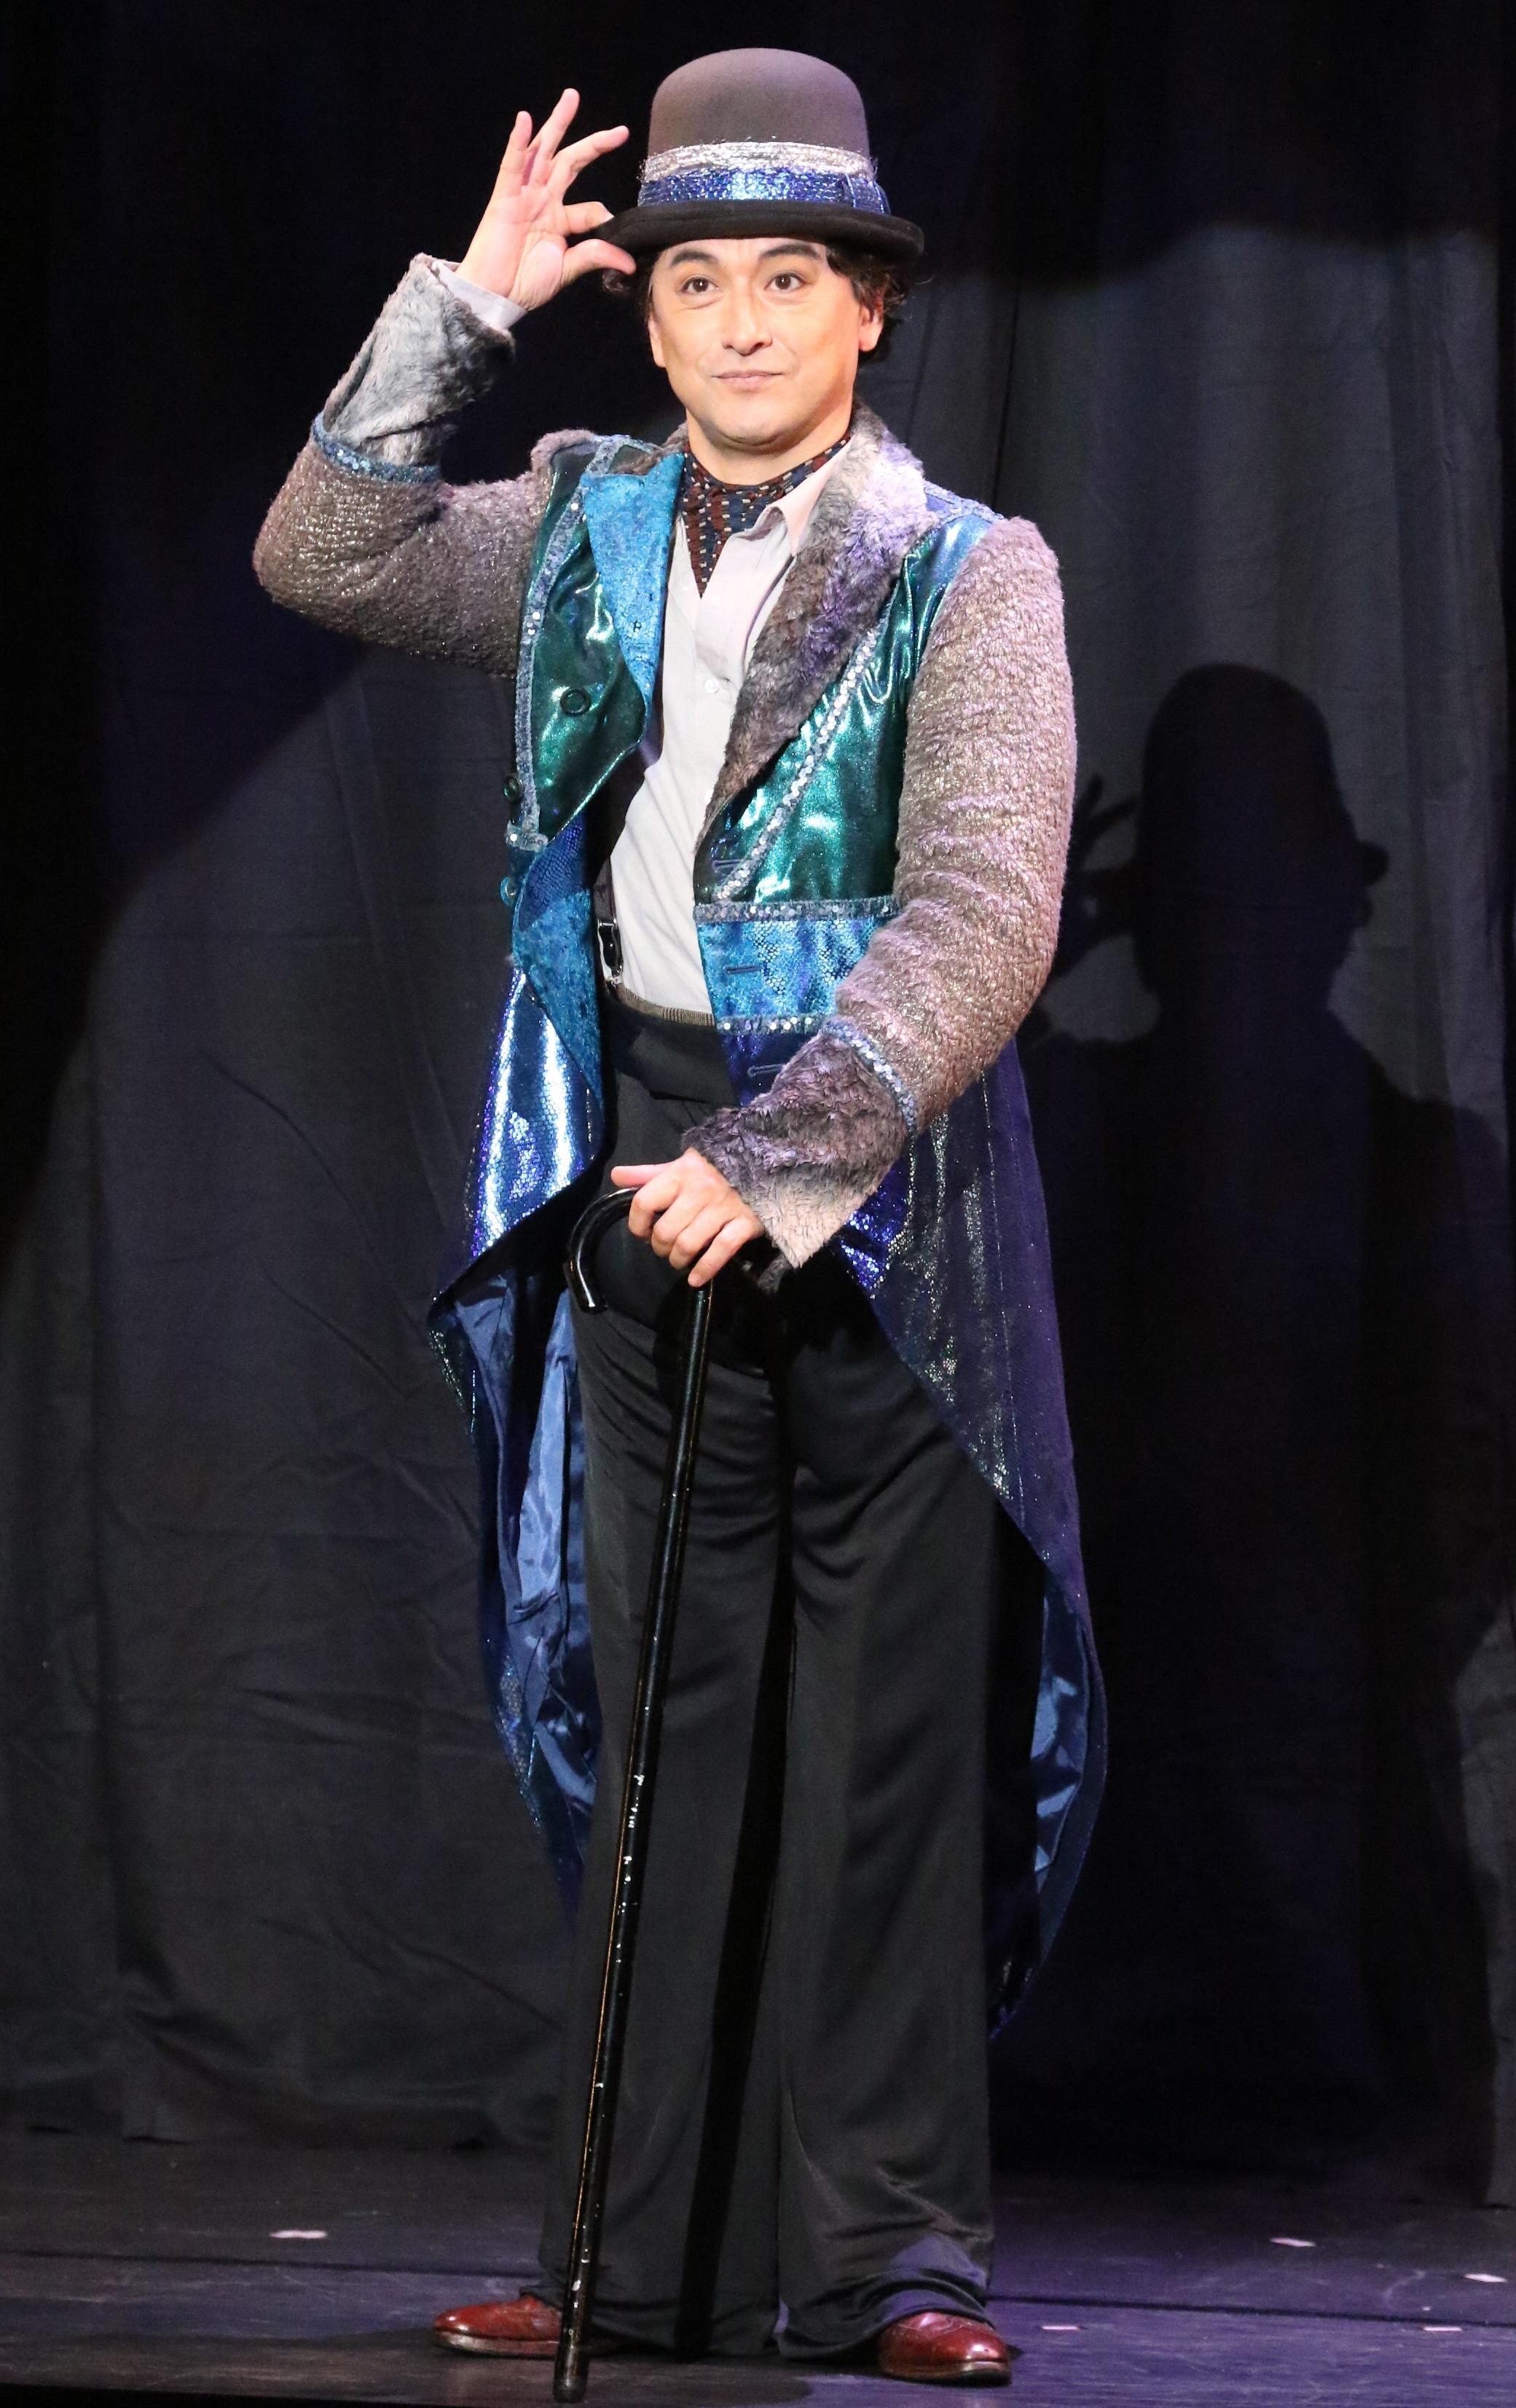 音楽劇『ライムライト』再演より、石丸幹二 写真提供:東宝演劇部